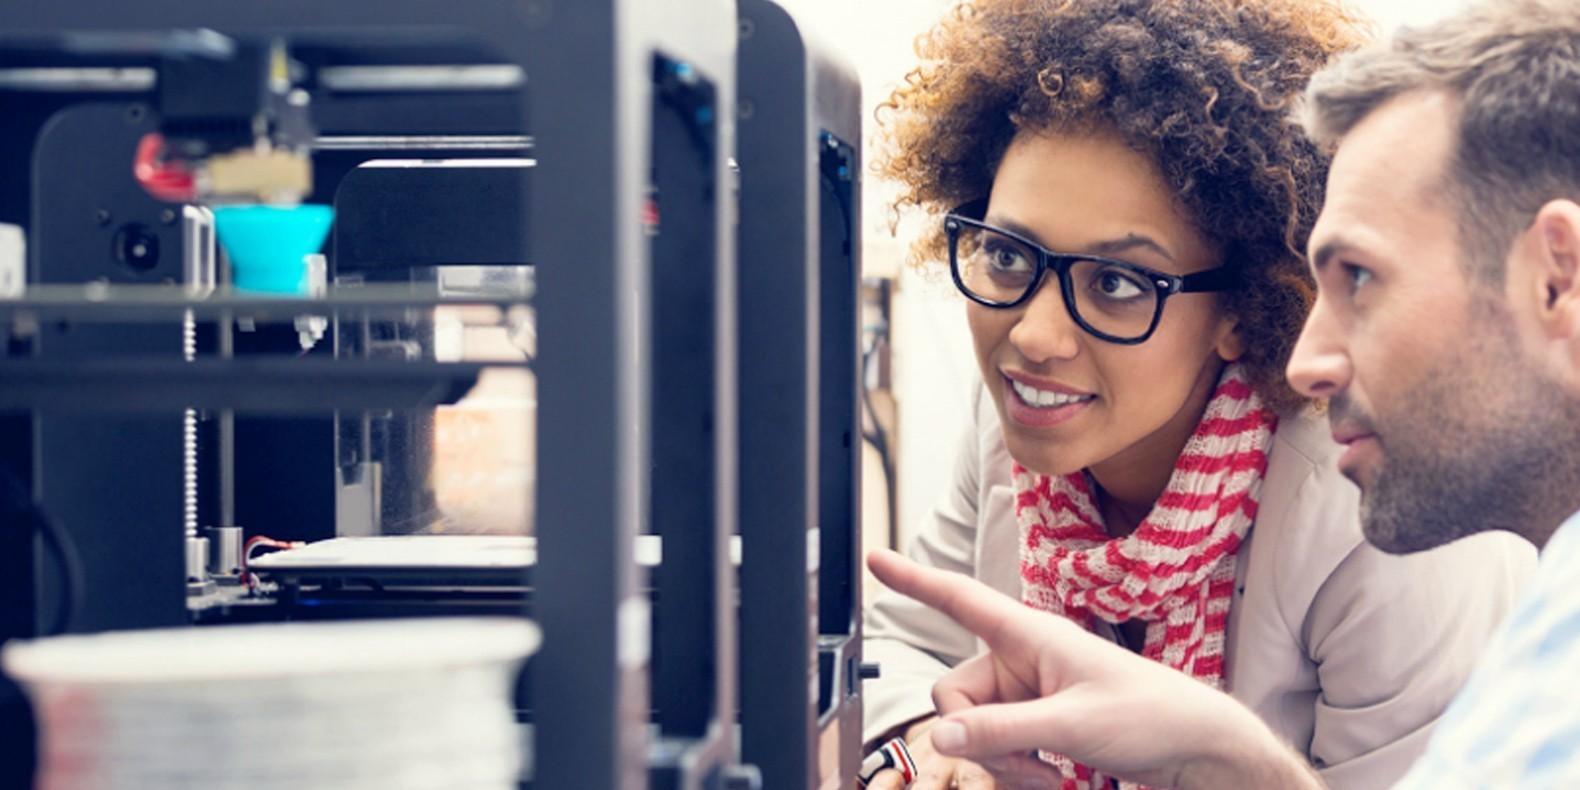 Les 5 étapes pour bien entretenir son imprimante 3D